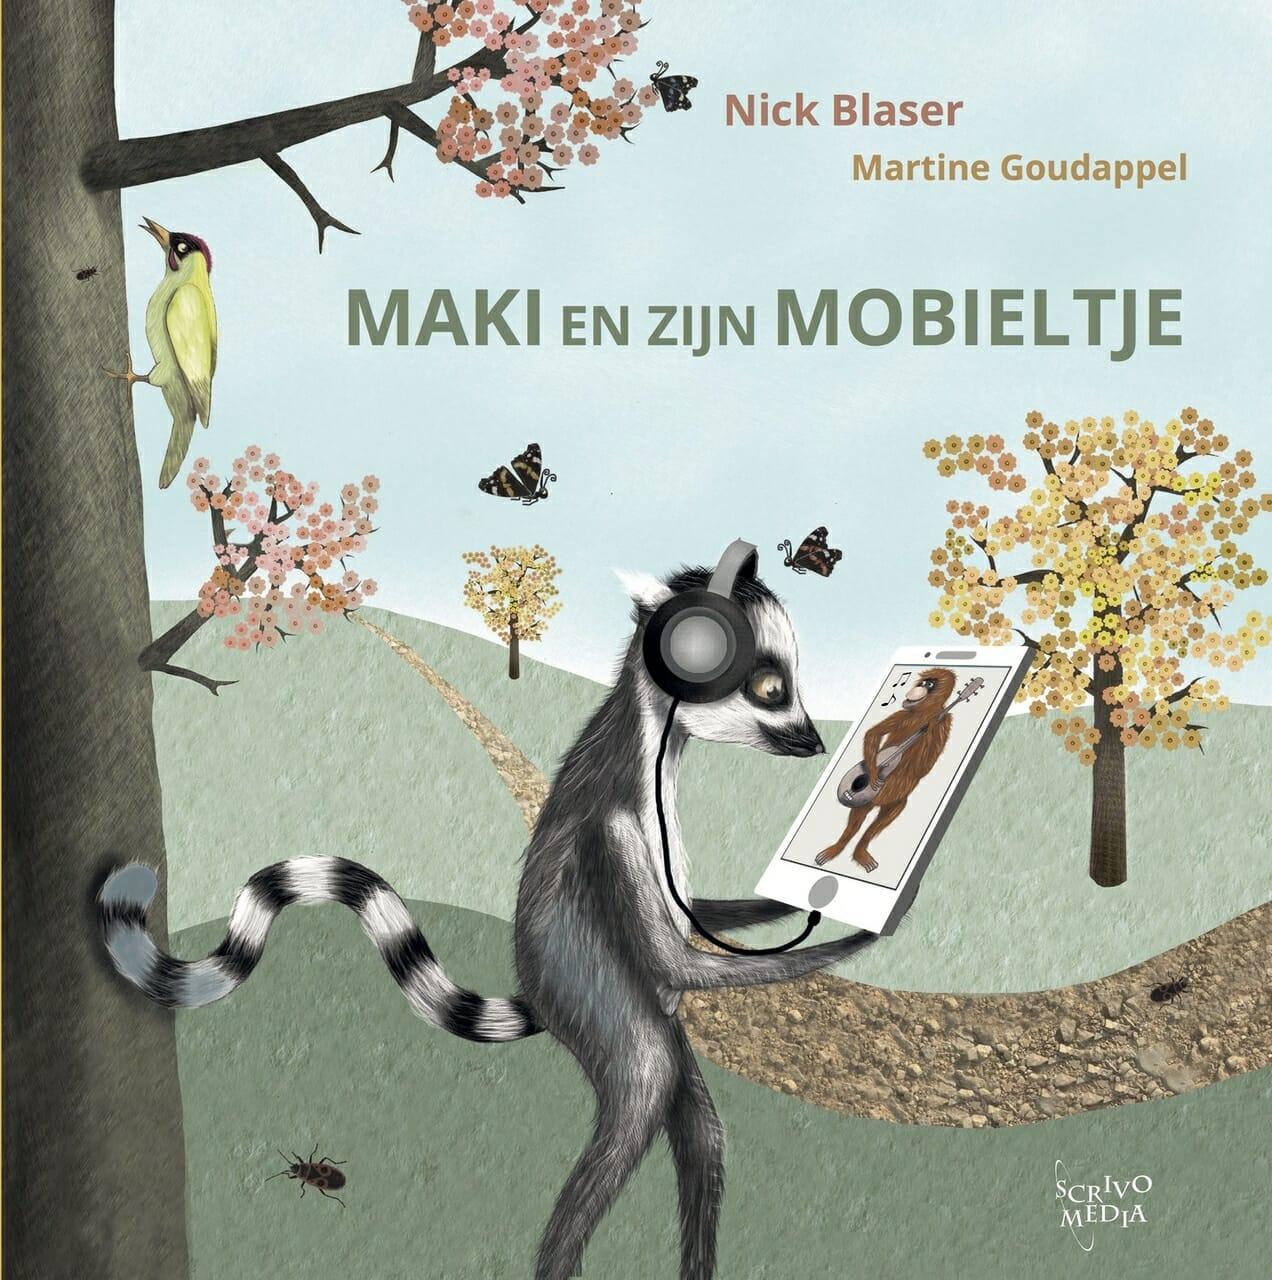 maki-en-zijn-mobieltje-boekrecensie-netwerk-babette